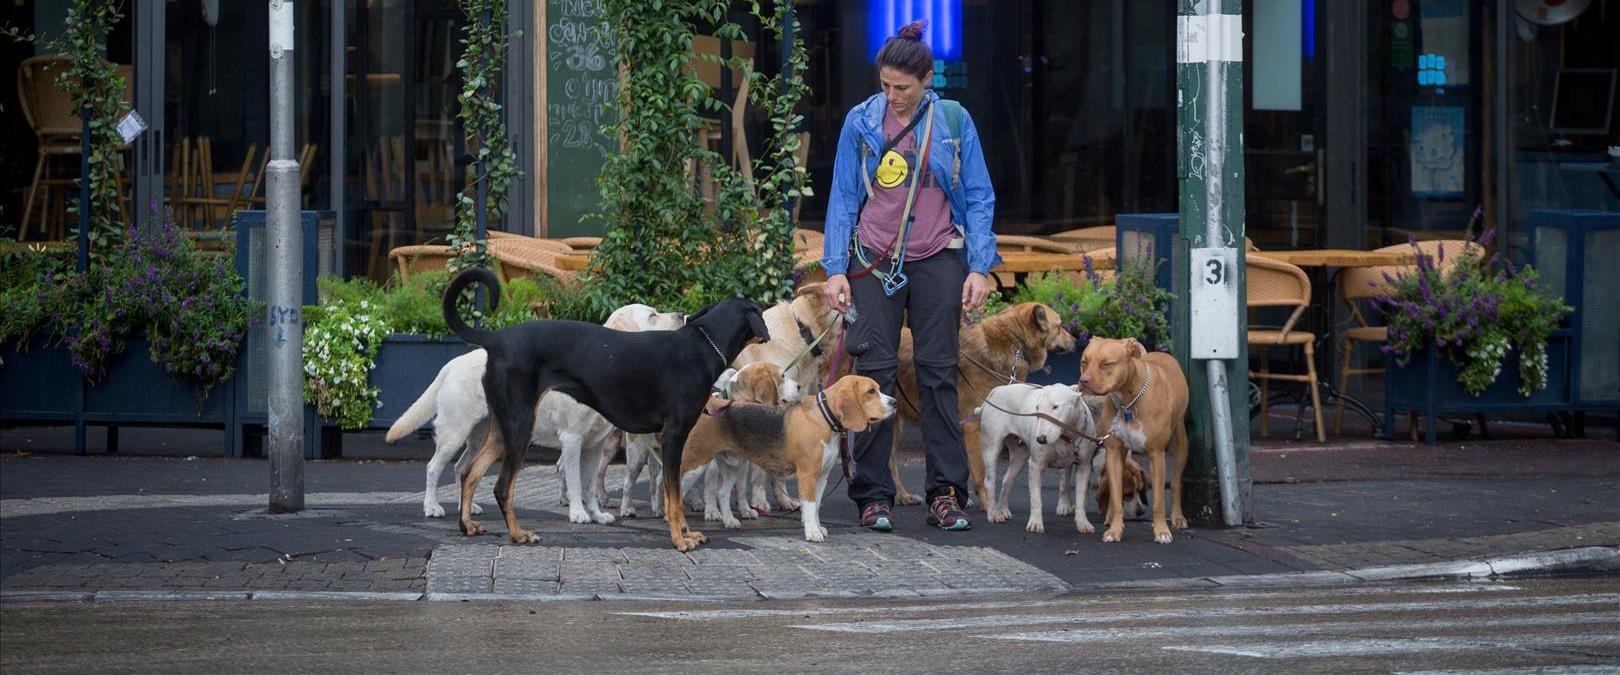 כלבים בתל אביב, ארכיון